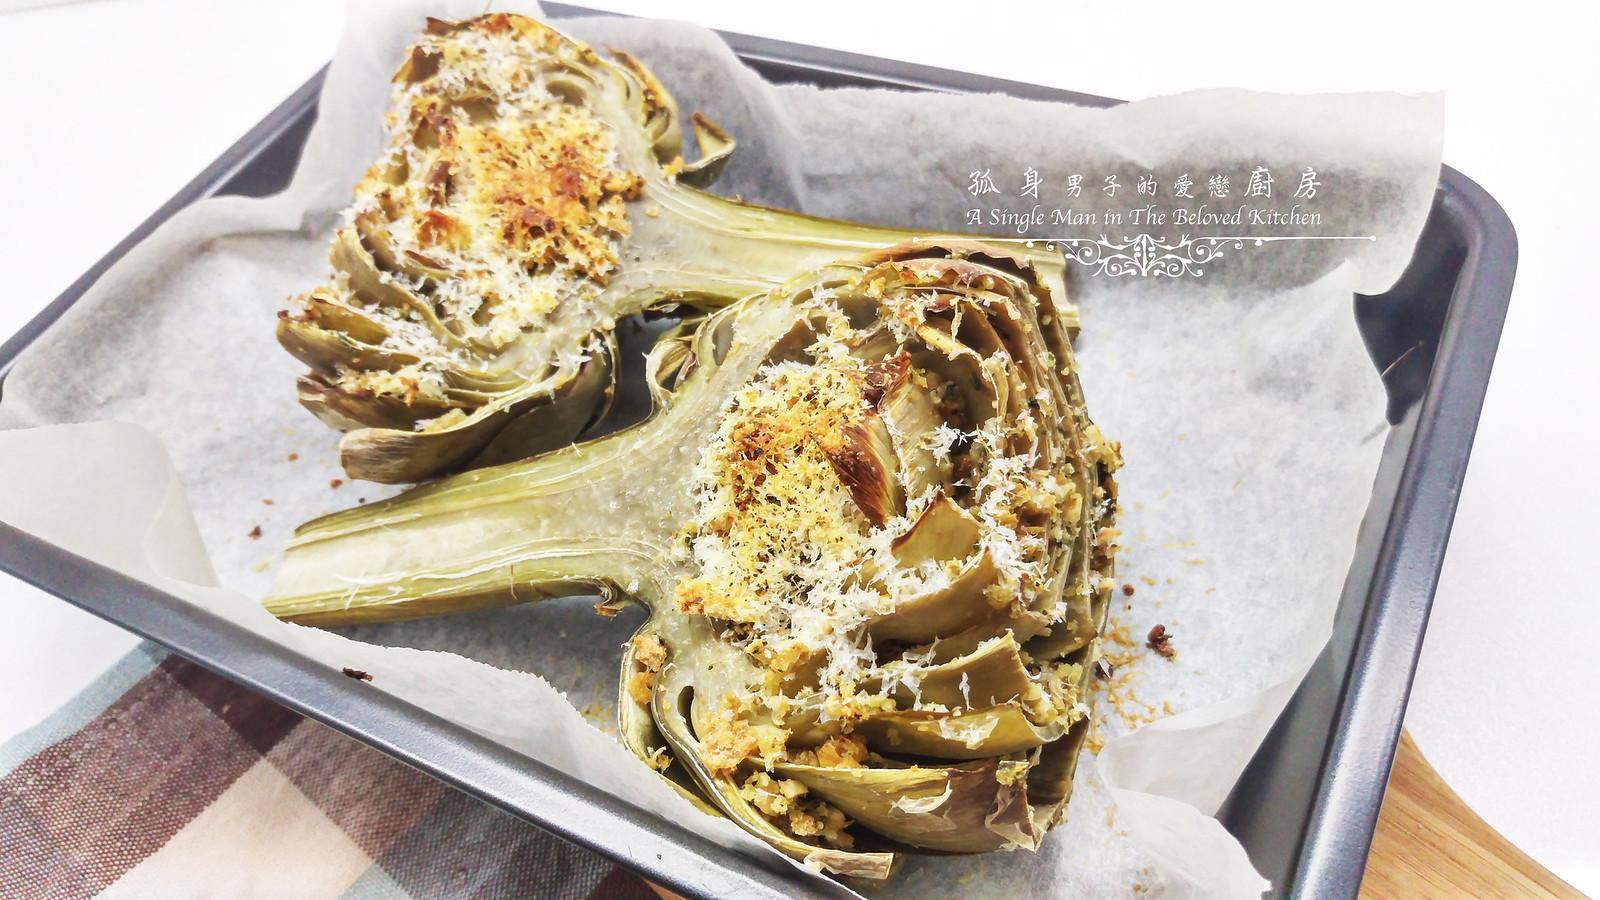 孤身廚房-青醬帕瑪森起司鑲烤朝鮮薊佐簡易油醋蘿蔓沙拉23